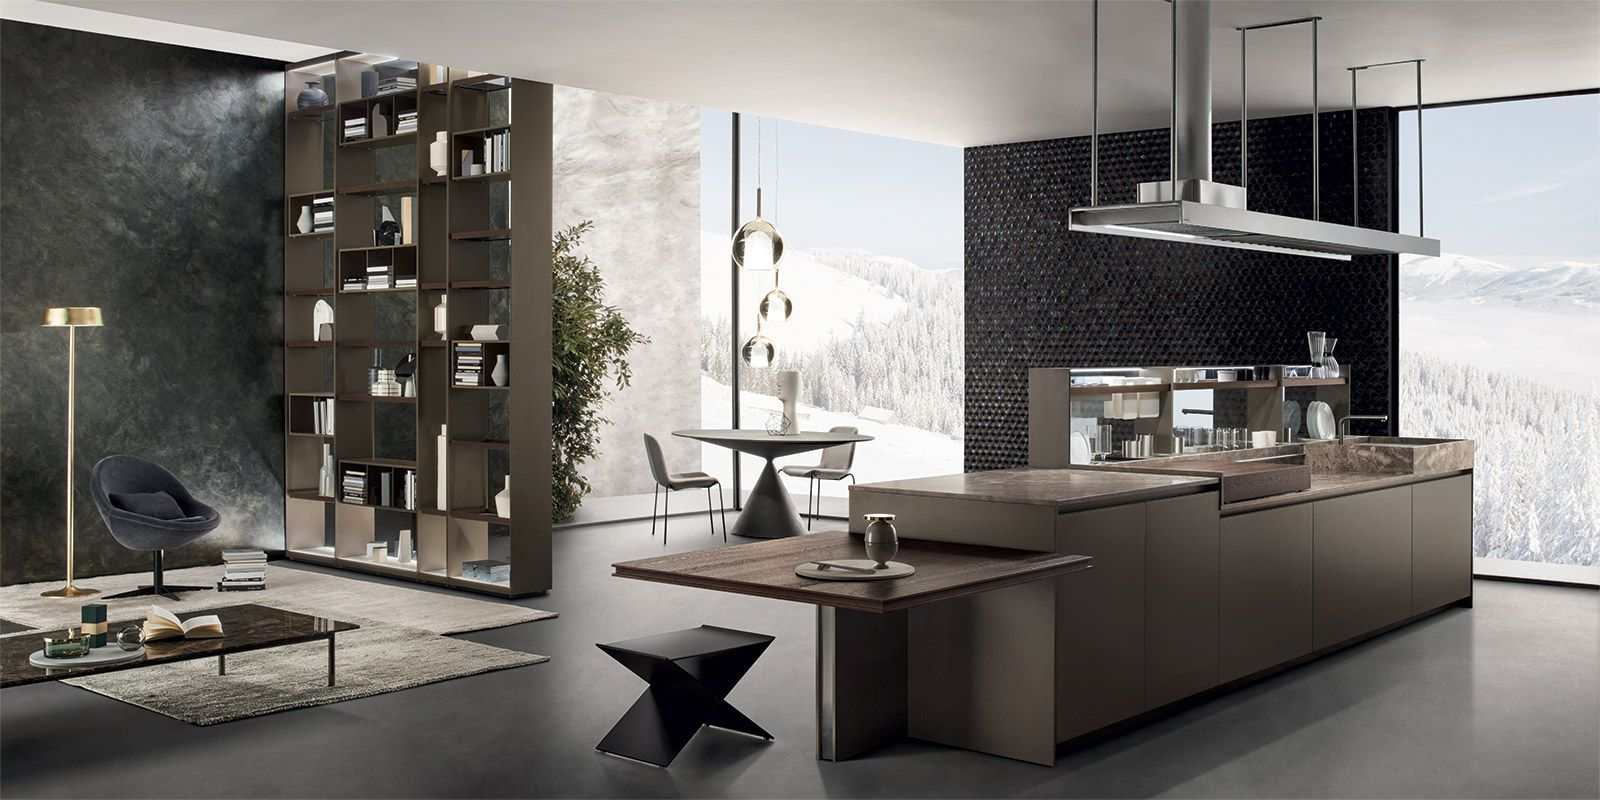 italian modern design kitchens - barrique by ernestomeda | cocinas ... - Ernestomeda Barrique